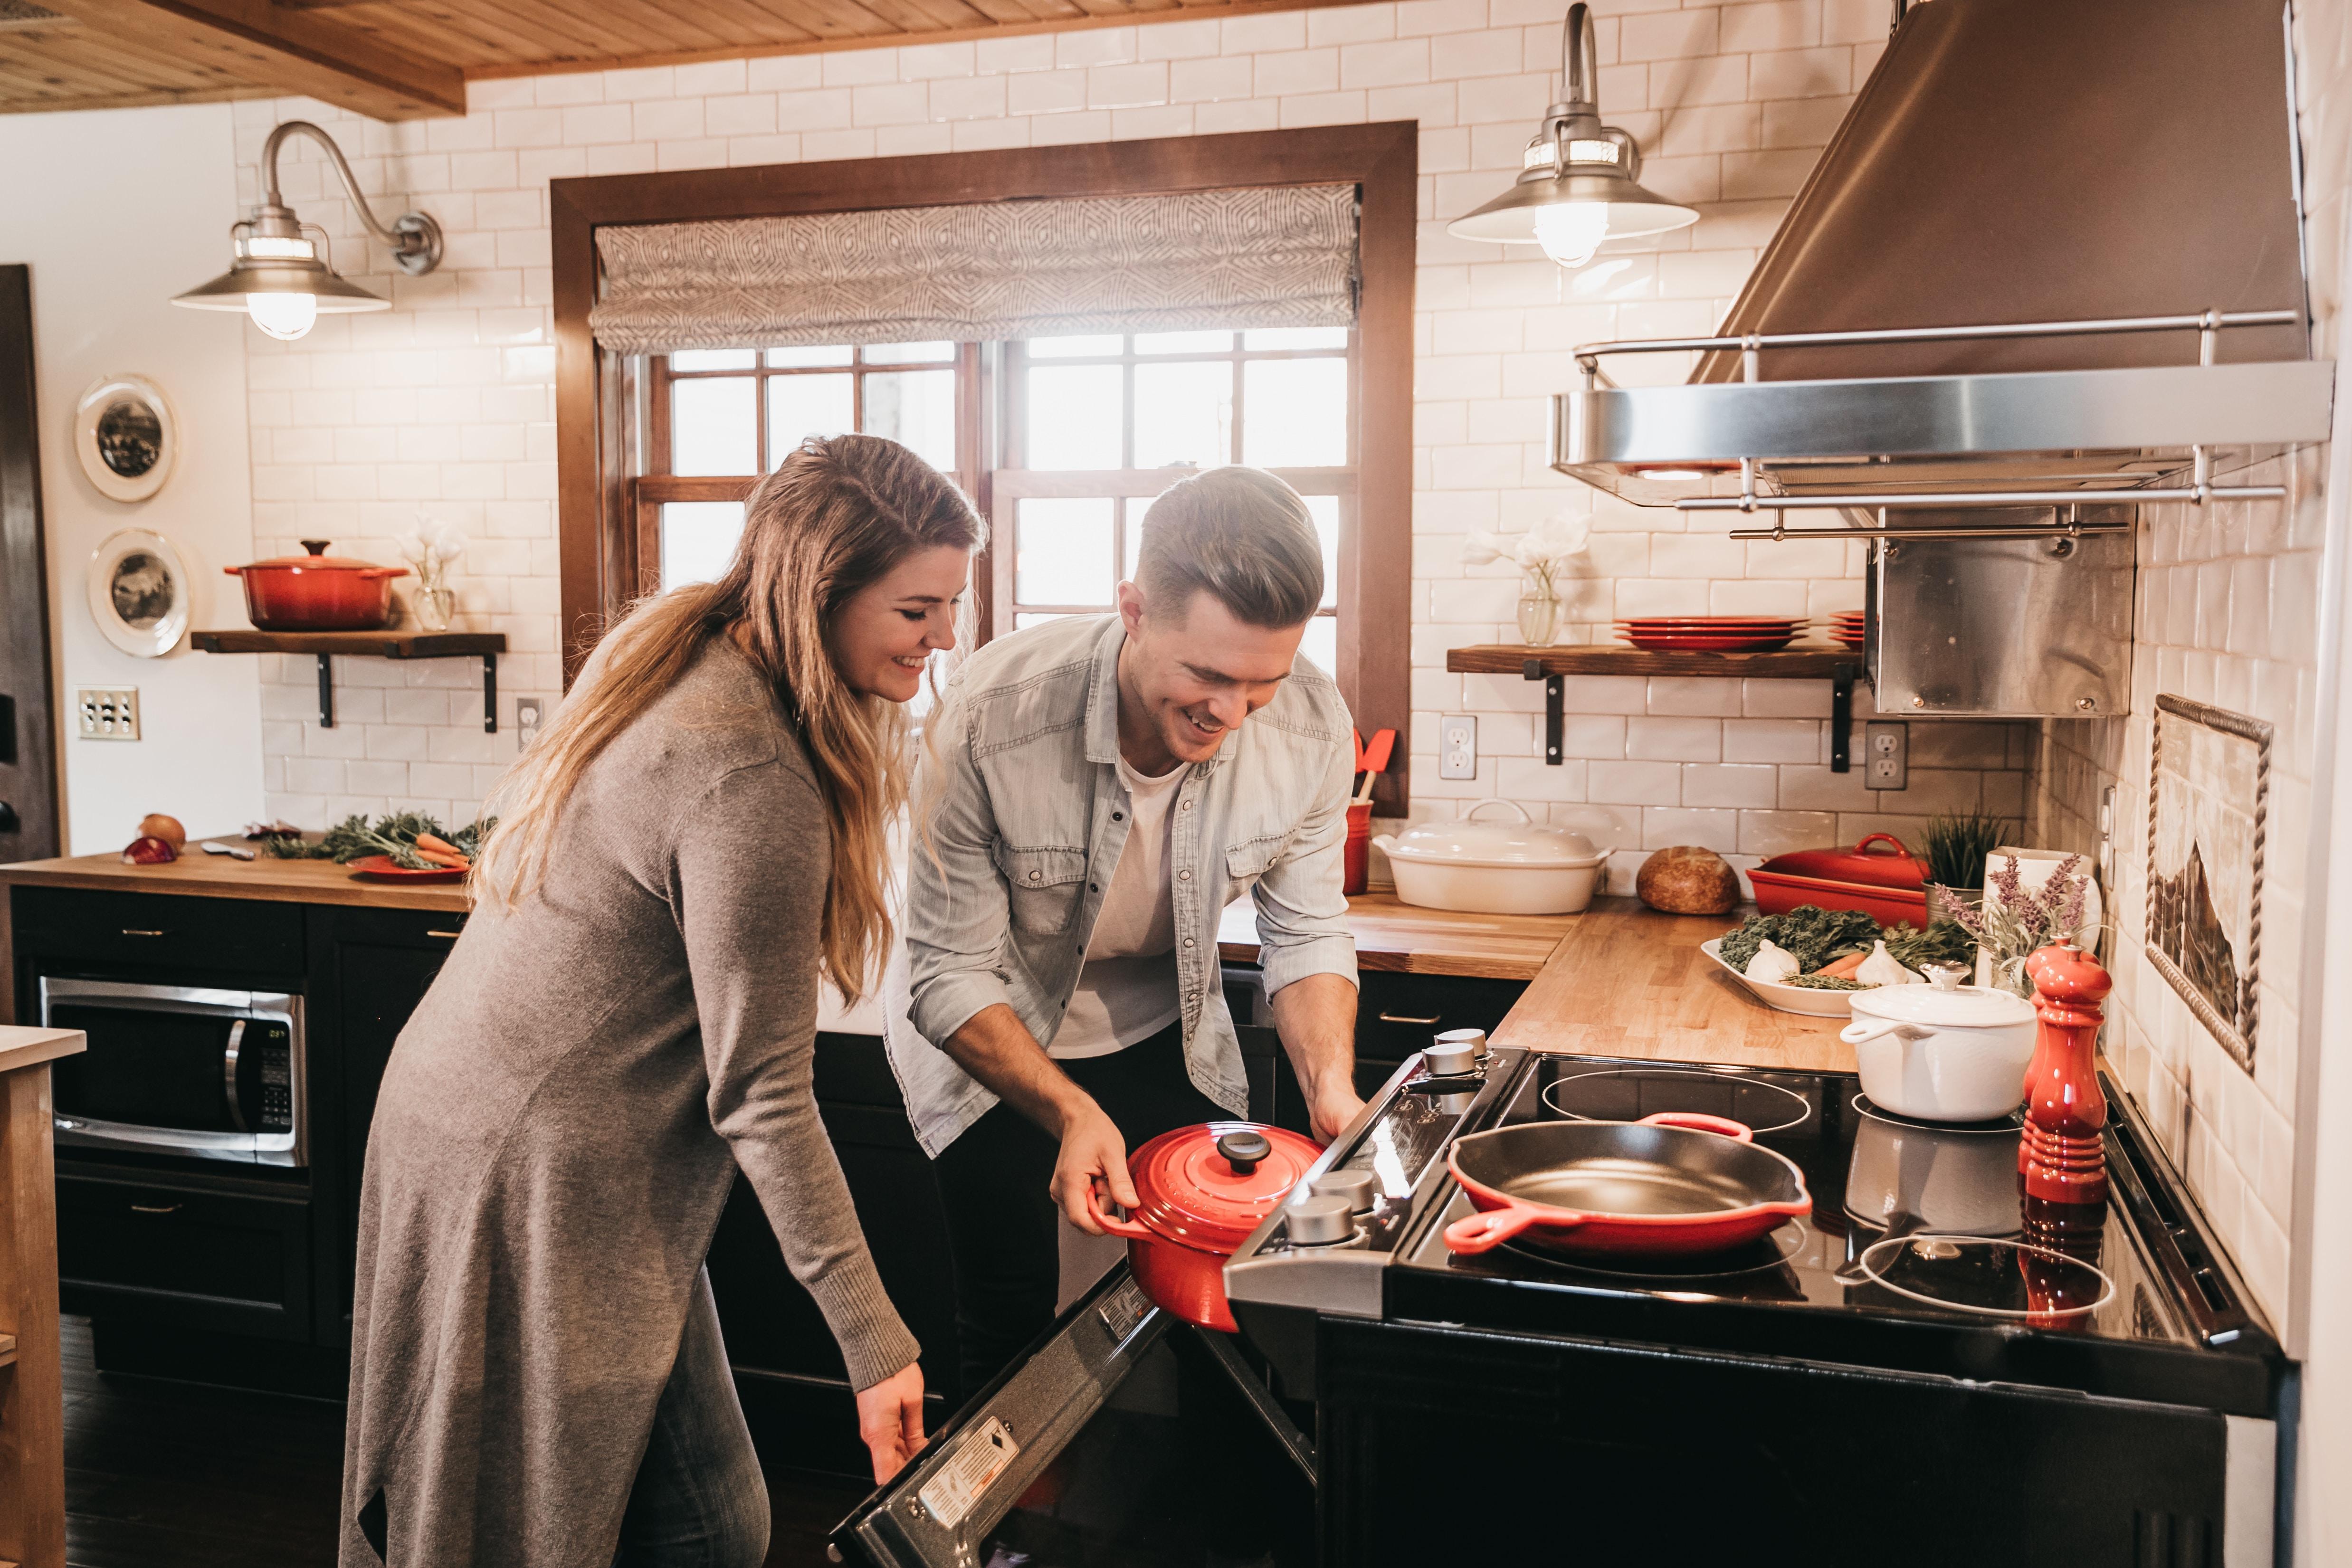 cuisine-couple-partage